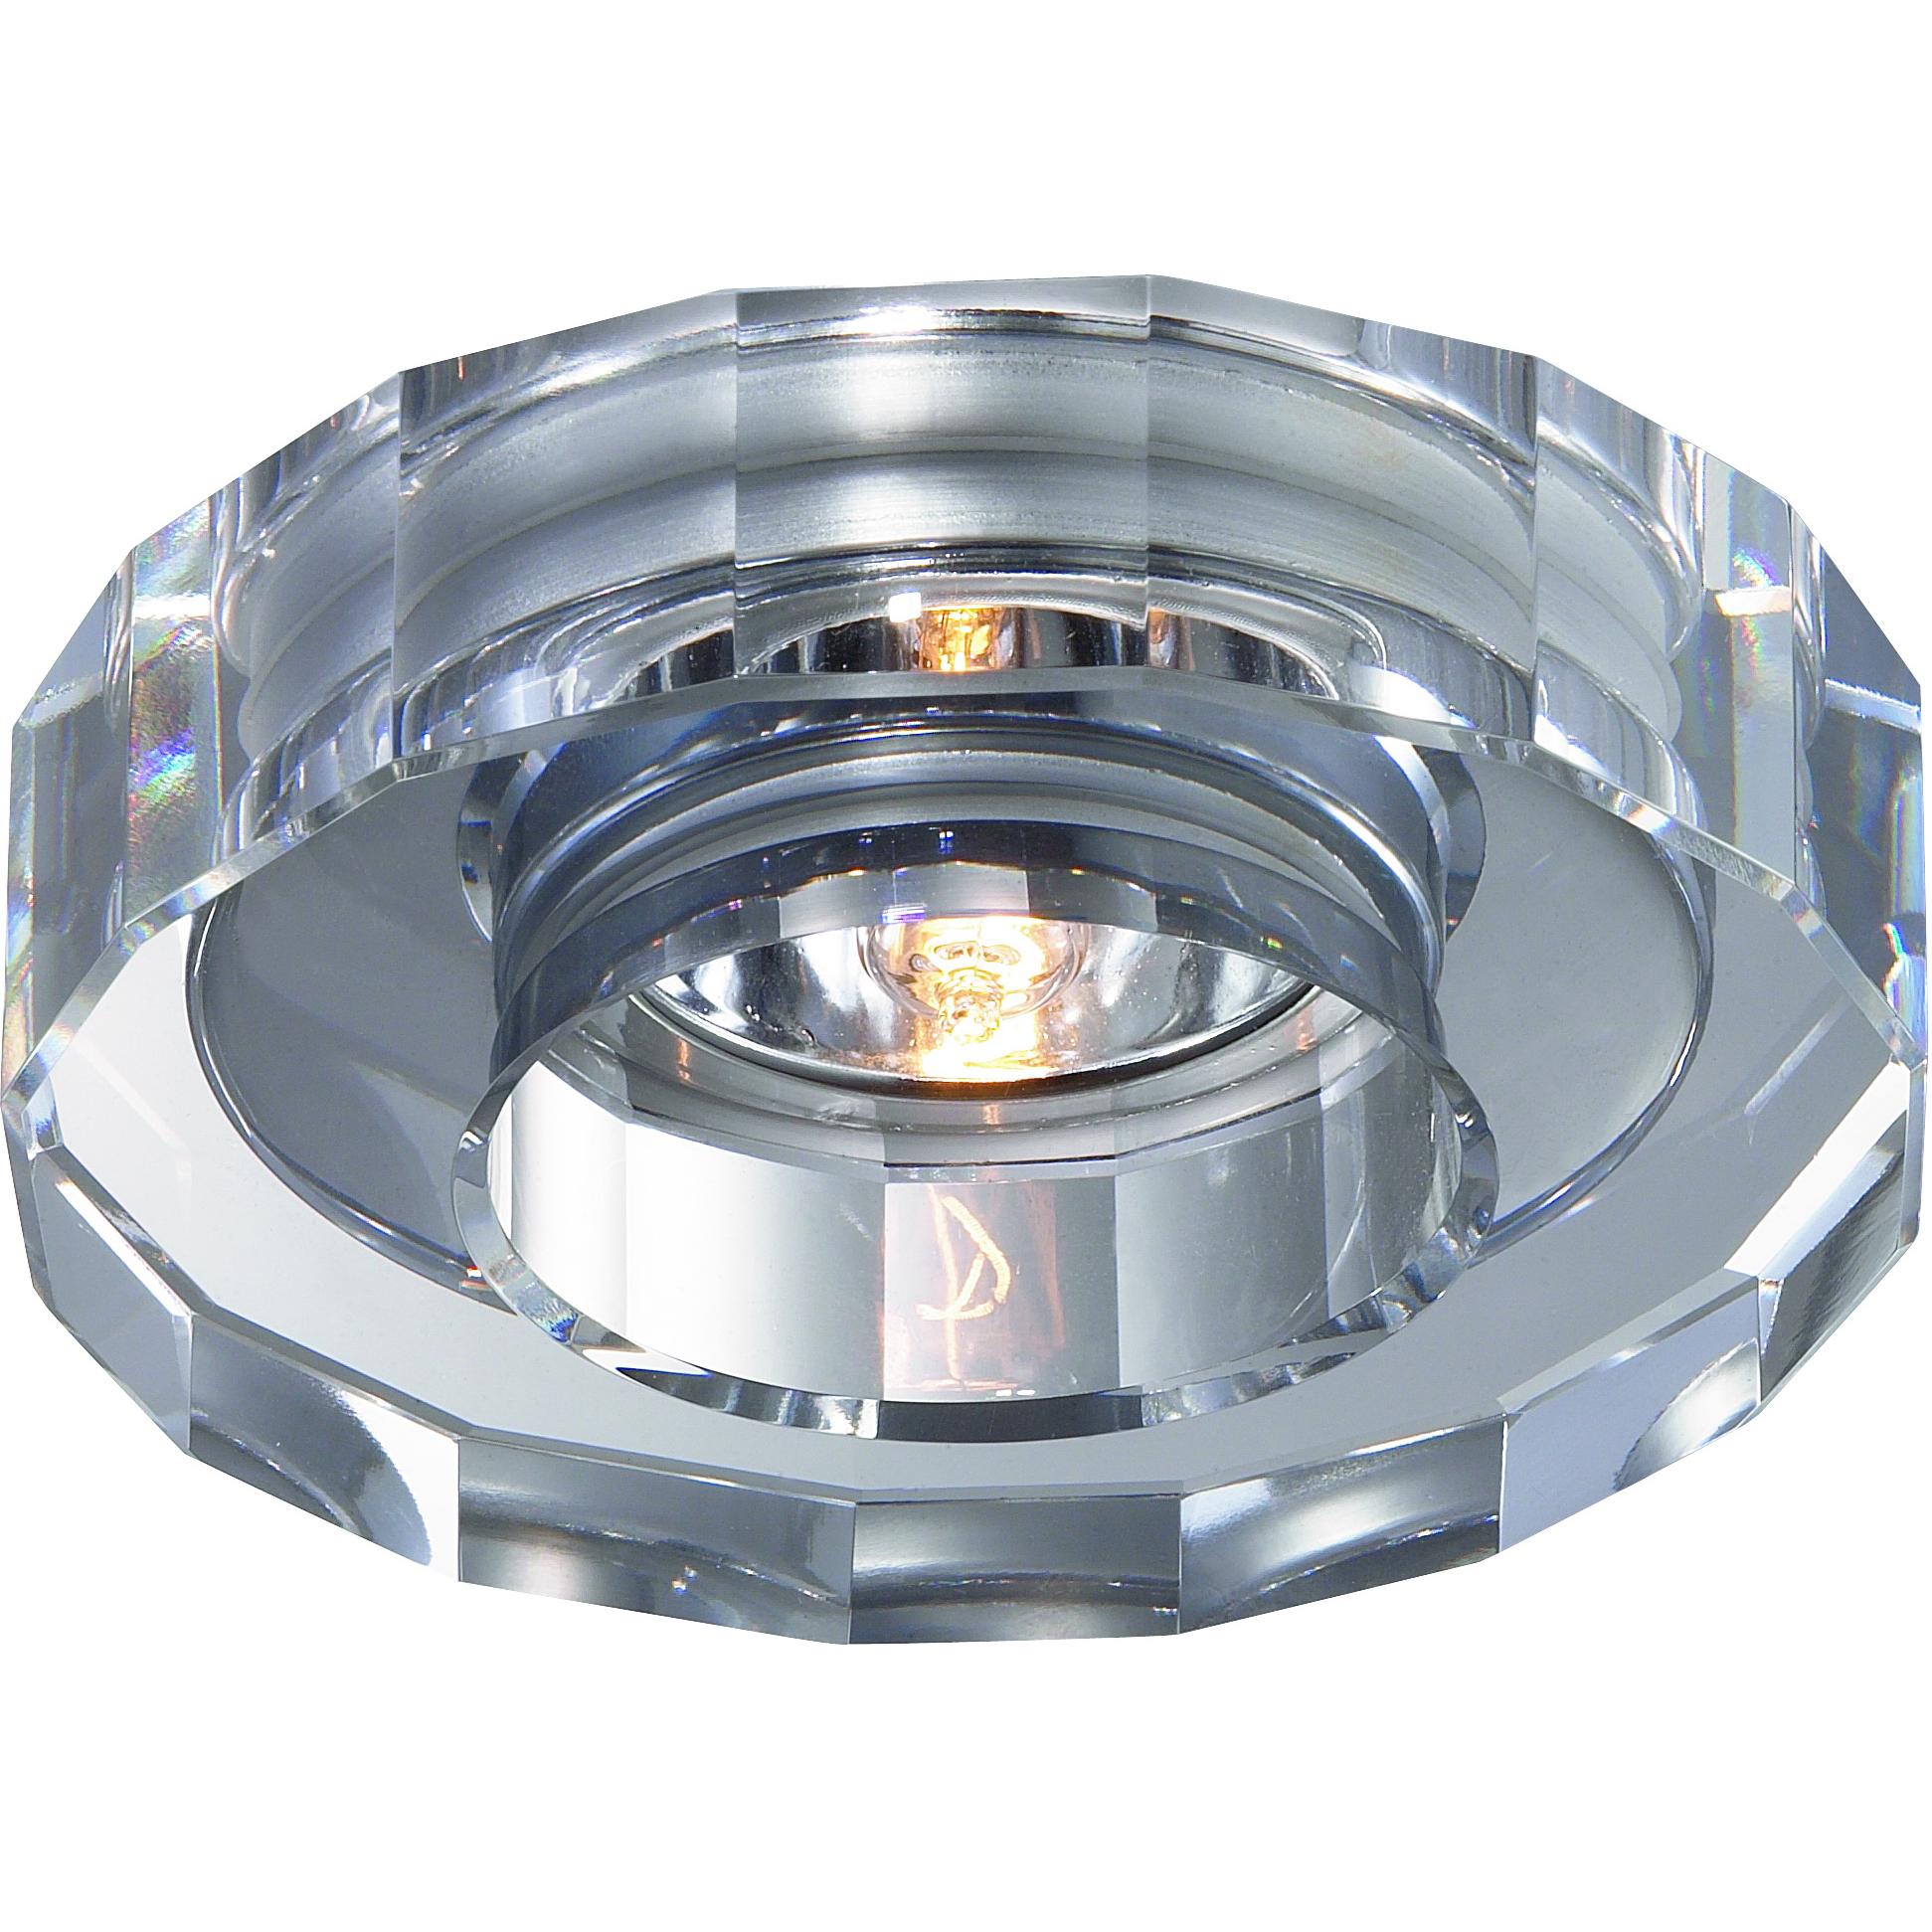 Светильник встраиваемый Novotech Cosmo nt10 110 369412 встраиваемый светильник novotech cosmo 369408